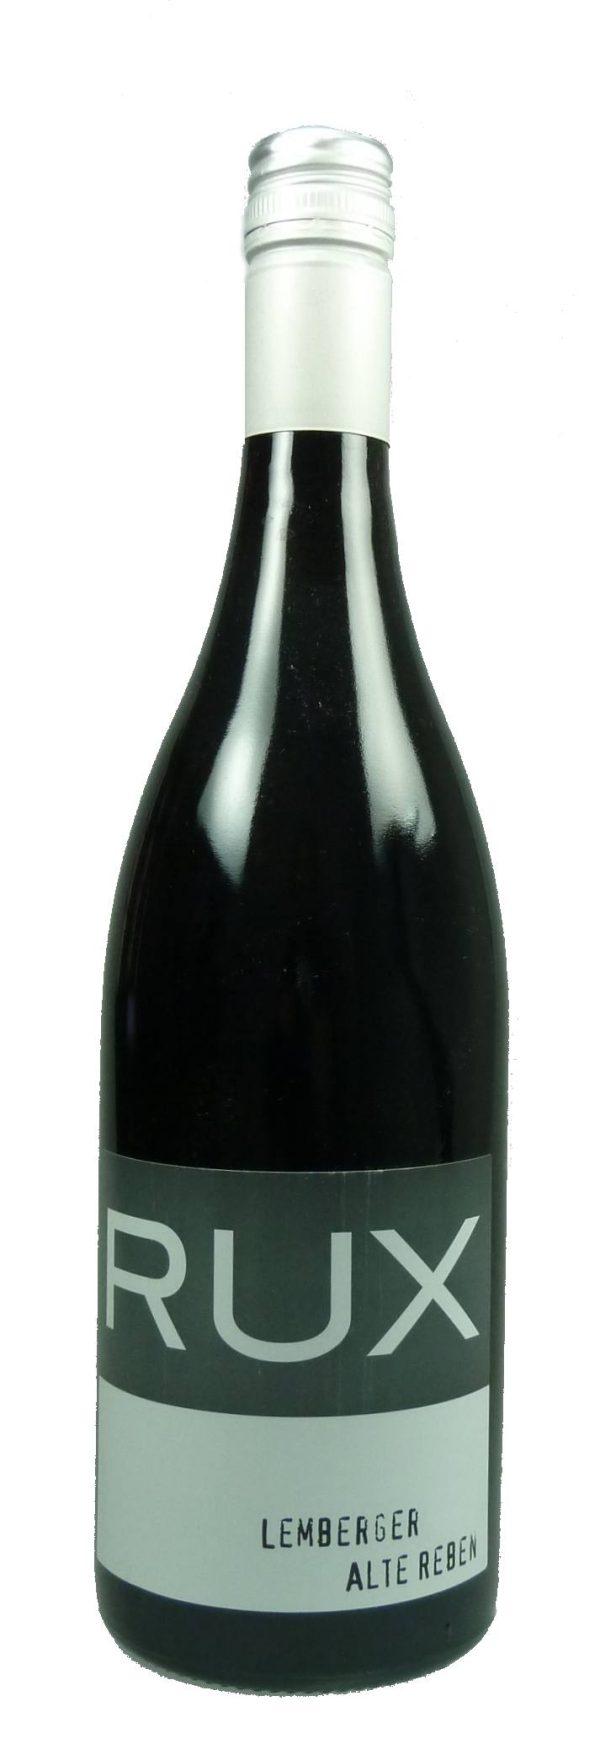 Lemberger Alte Reben Qualitätswein trocken 2012